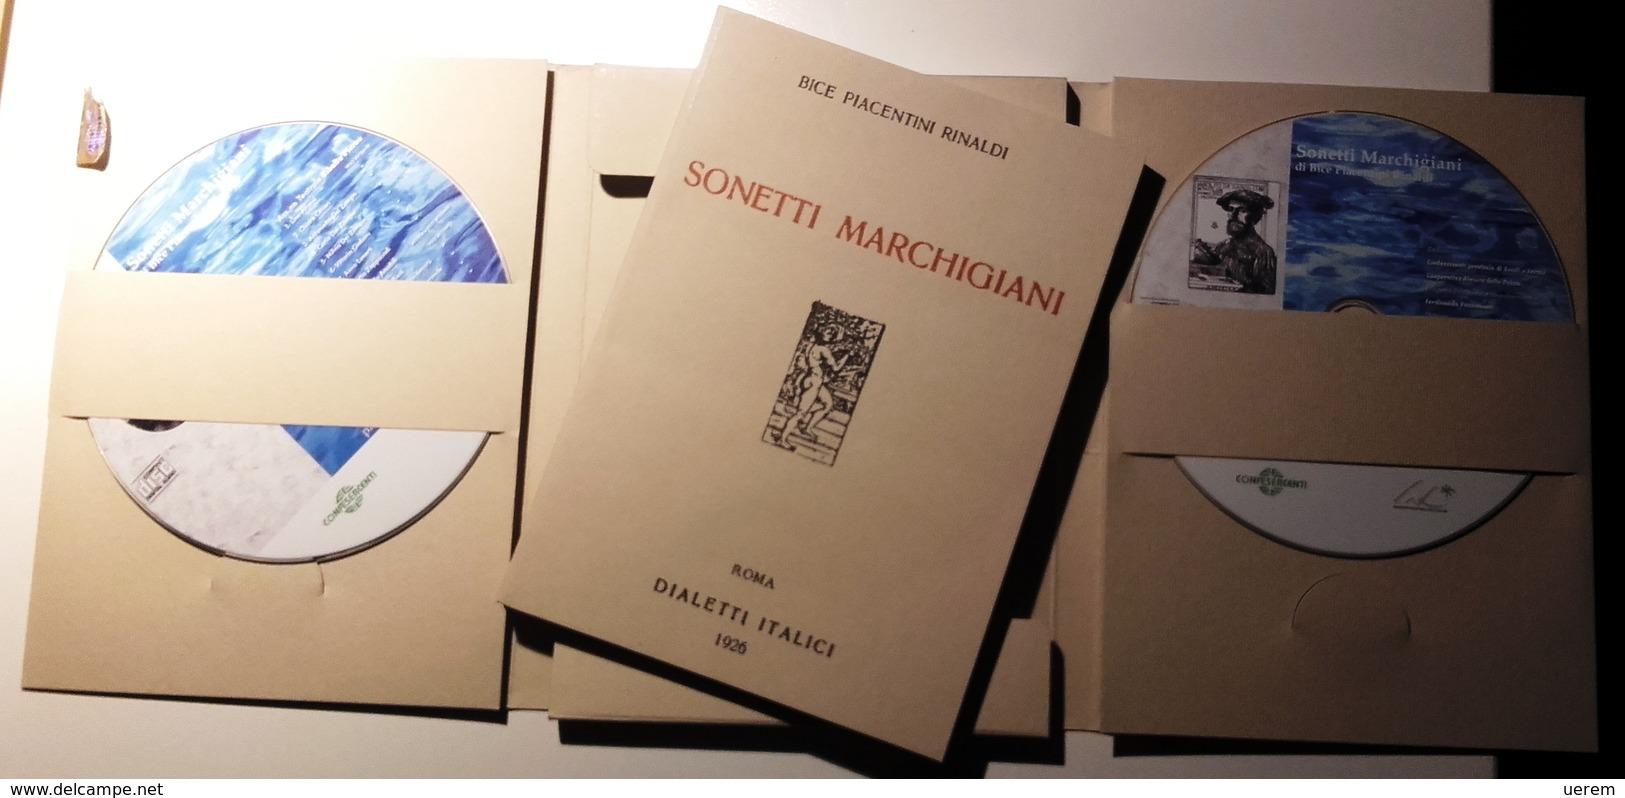 2006 MARCHE TRADIZIONI POPOLARI PIACENTINI RINALDI BICE SONETTI MARCHIGIANI Confesercenti Provincia Di Ascoli E Fermo, 2 - Old Books